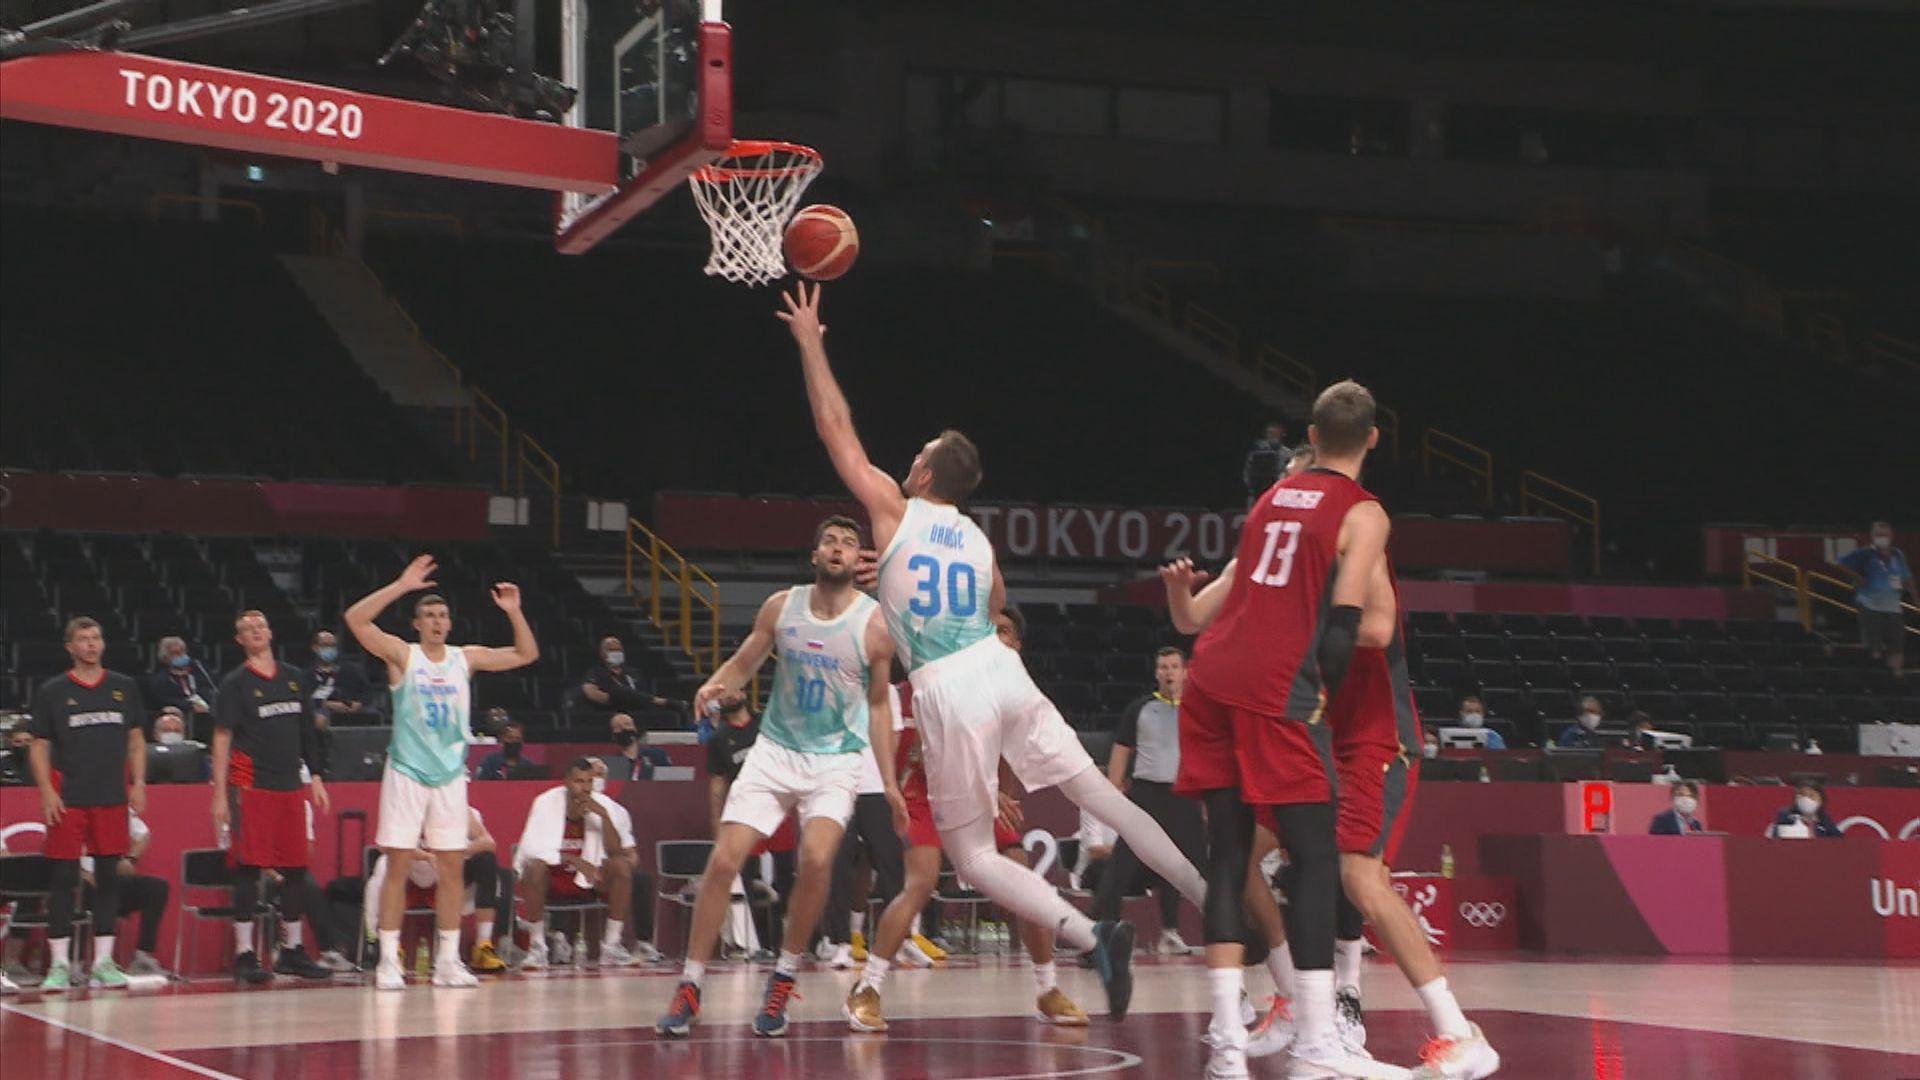 男子籃球八強 斯洛文尼亞94:70德國